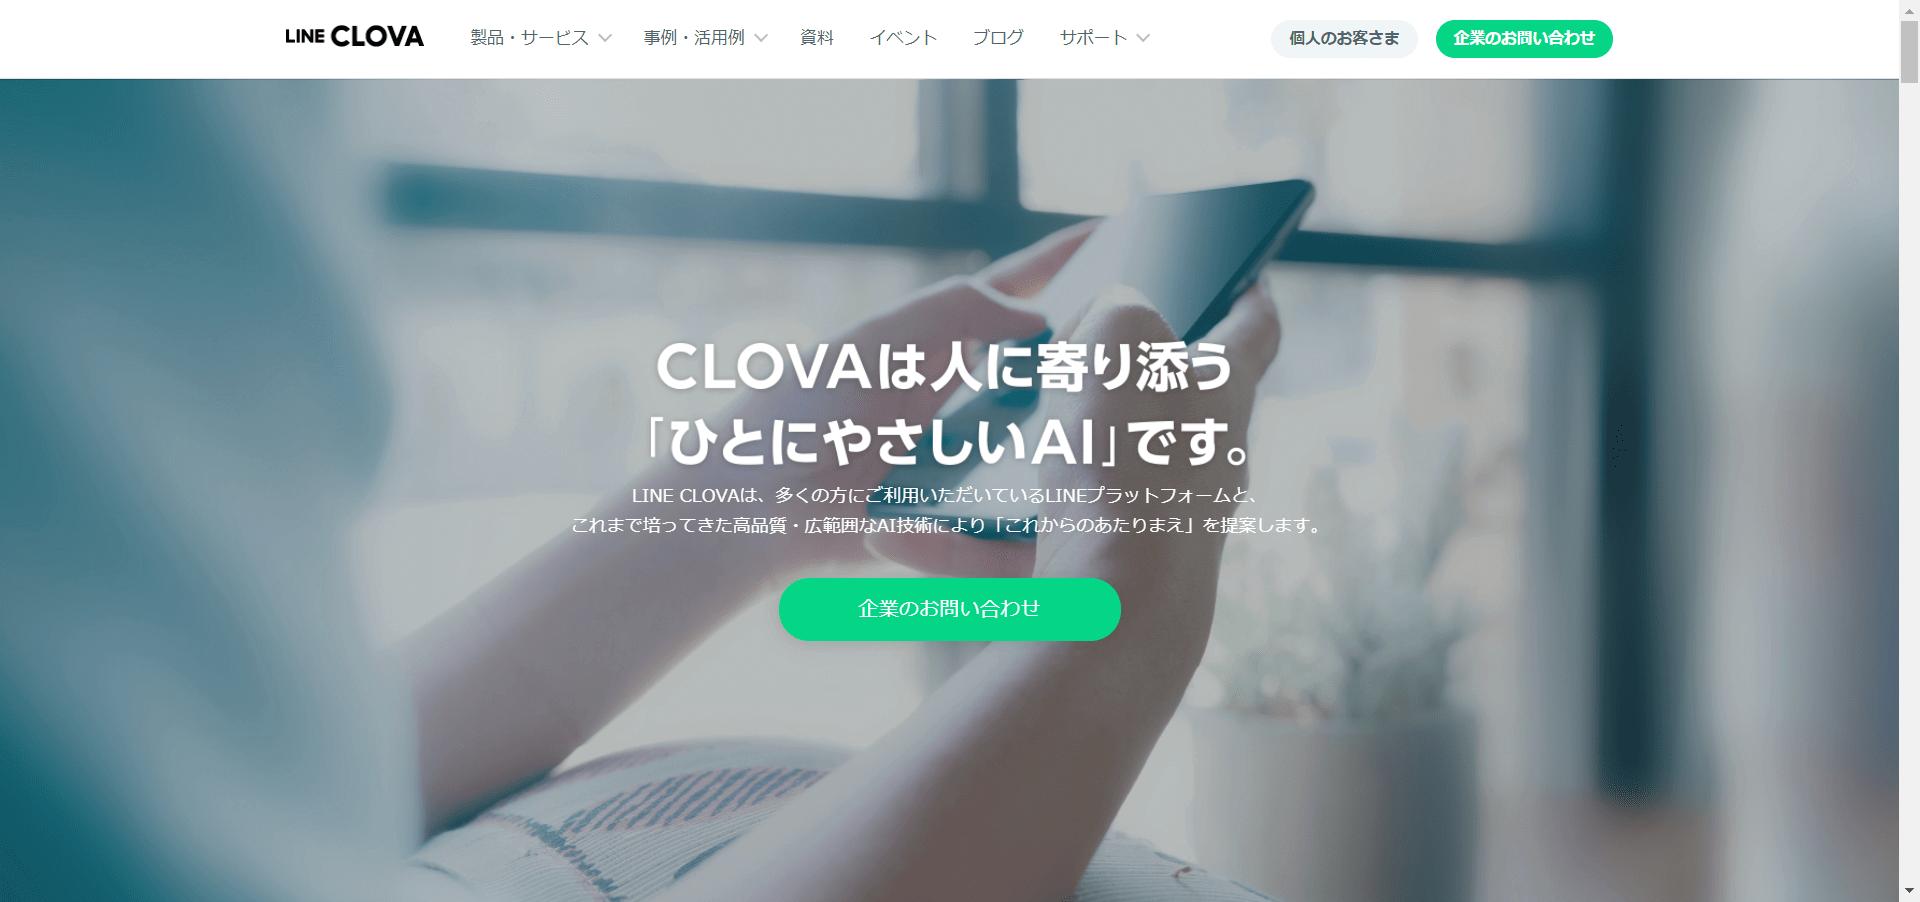 ●LINE CLOVA